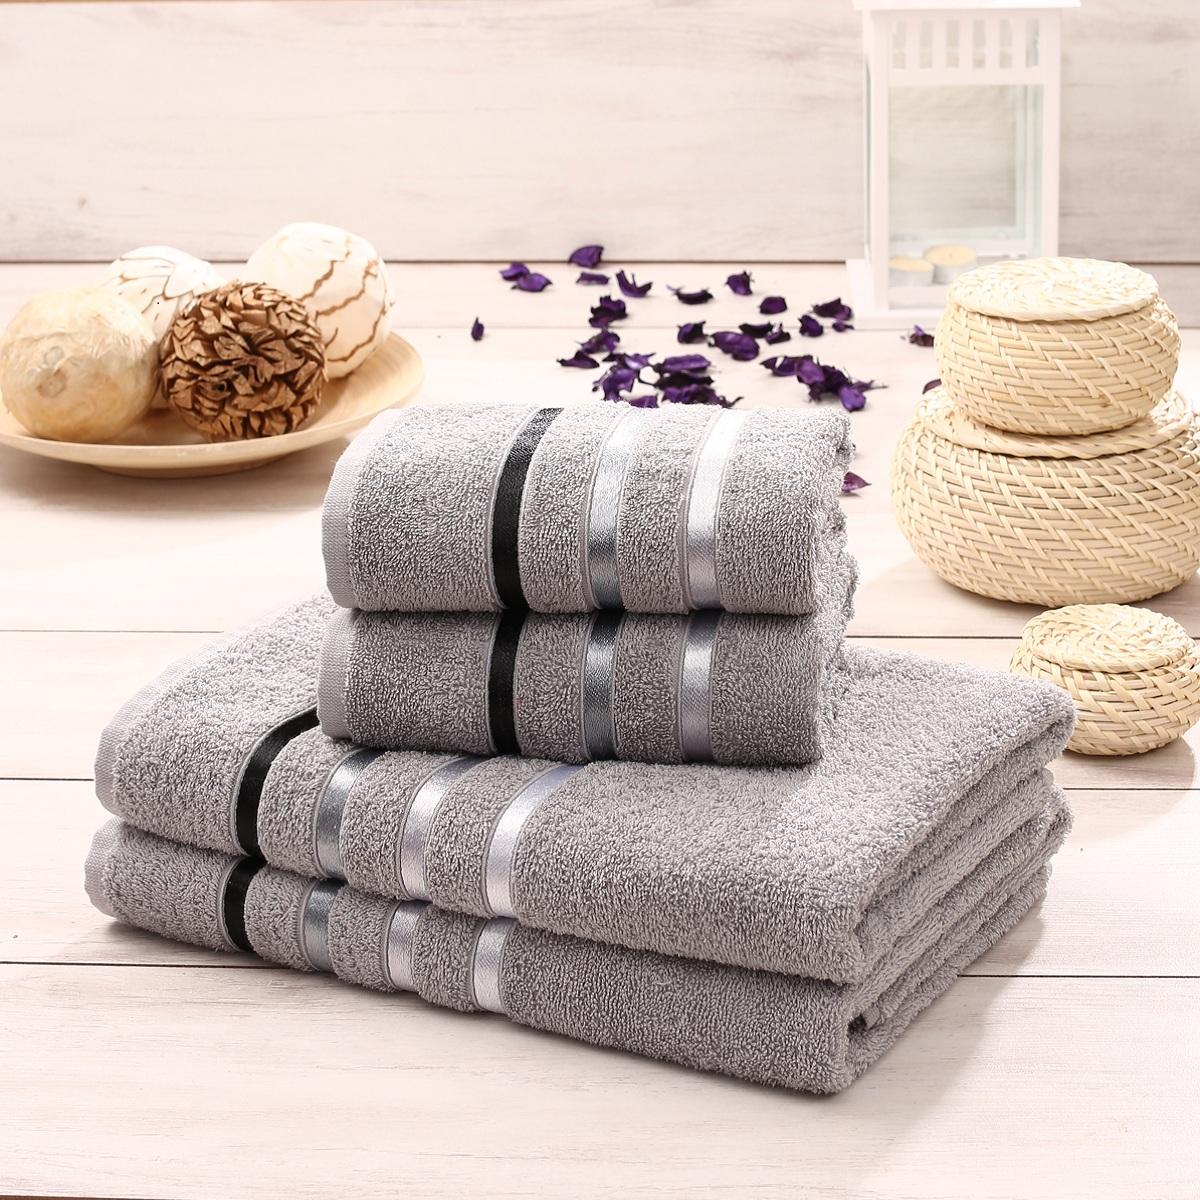 Набор полотенец Karna Bale, цвет: серый, 50 х 80 см, 70 х 140 см, 4 штУзТ-ПМ-114-08-20кНабор полотенец Karna Bale изготовлен из высококачественных хлопковых нитей.Хлопковые нити прядутся из длинных волокон. Длина волокон хлопковой нити влияет на свойства ткани, чем длиннее волокна, тем махровое изделие прочнее, пушистее и мягче на ощупь.Также махровое изделие отлично впитывает воду и быстро сохнет. На впитывающие качества махры (ее гигроскопичность) влияет состав волокон. Махра абсолютно не аллергенна, имеет высокую воздухопроницаемость и долгий срок использования ткани. Отличительной особенностью данной модели является её оригинальный дизайн и подарочная упаковка. В наборе: 2 банных полотенца: 70 x 140 см 2 полотенца для лица и рук: 50 х 80 см